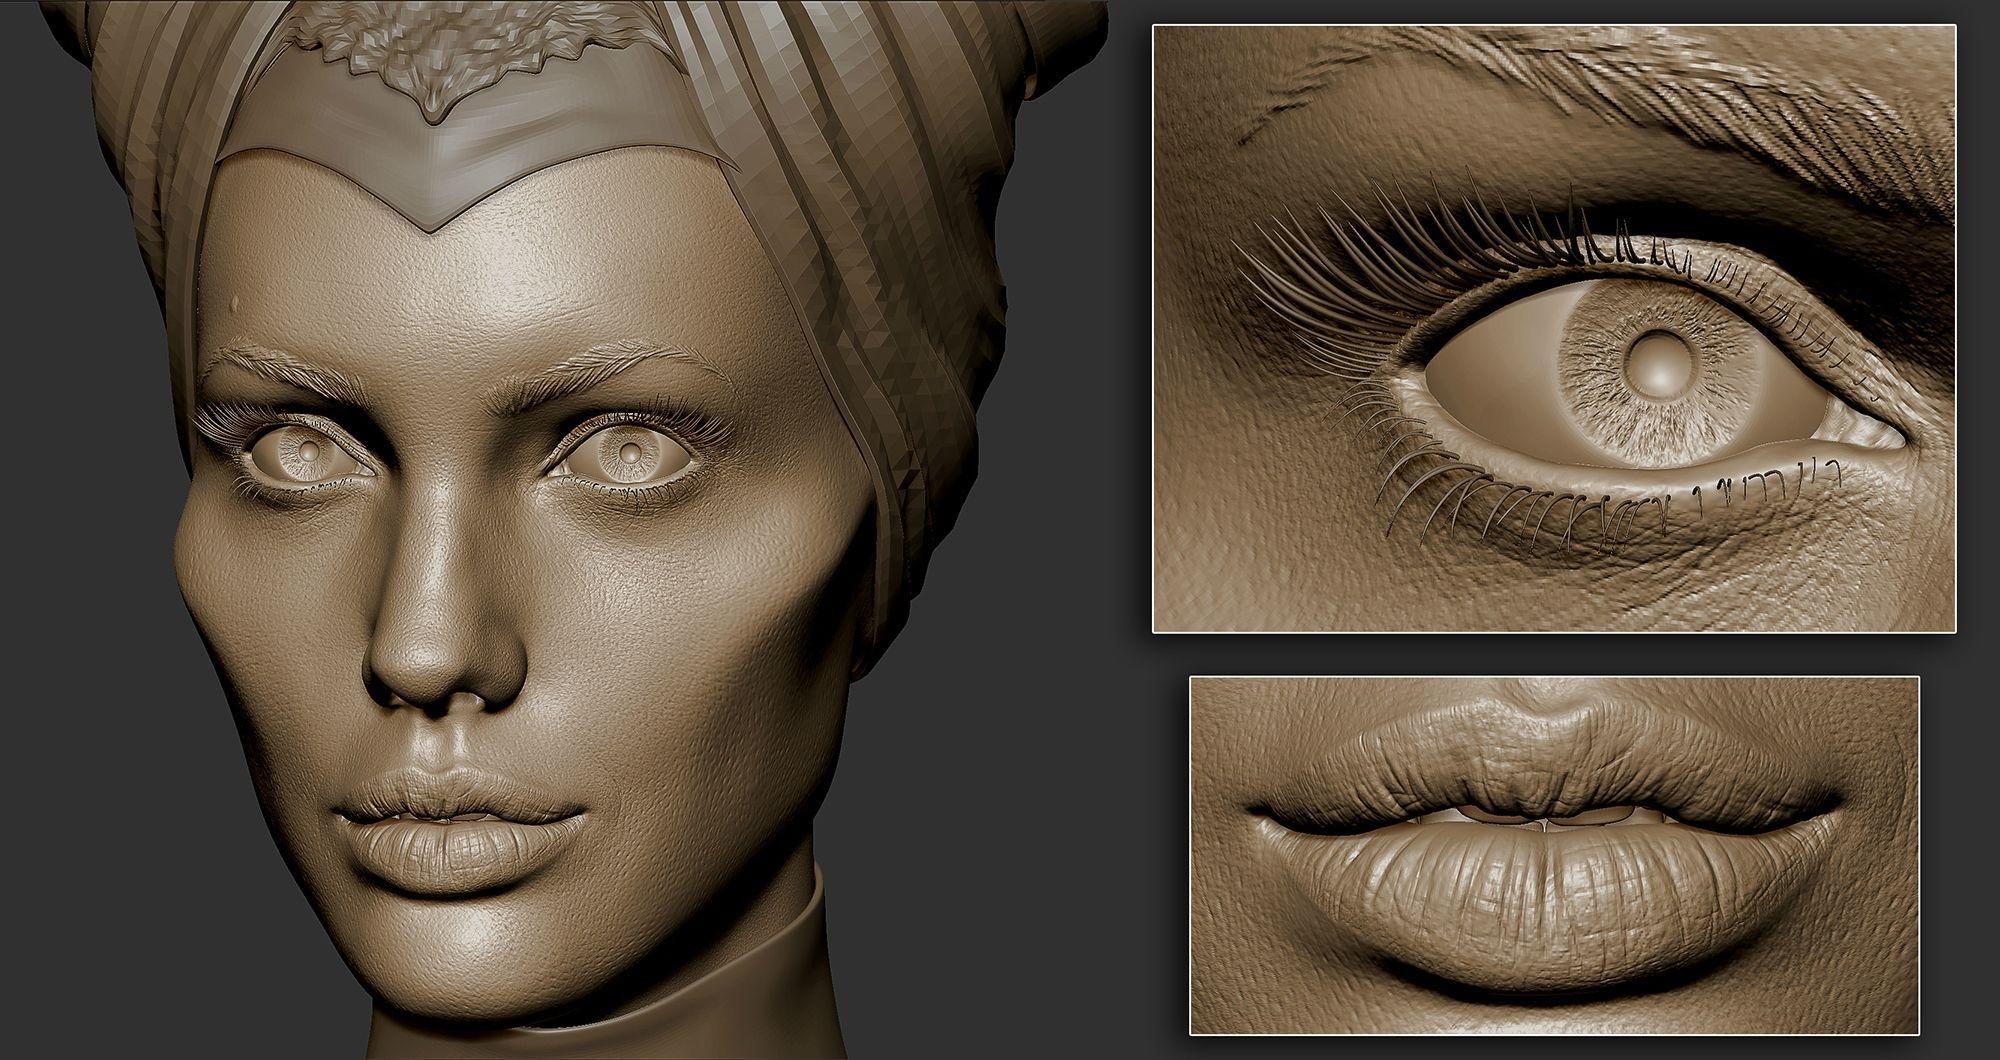 automob 3d anatomy tutorial - HD2000×1060